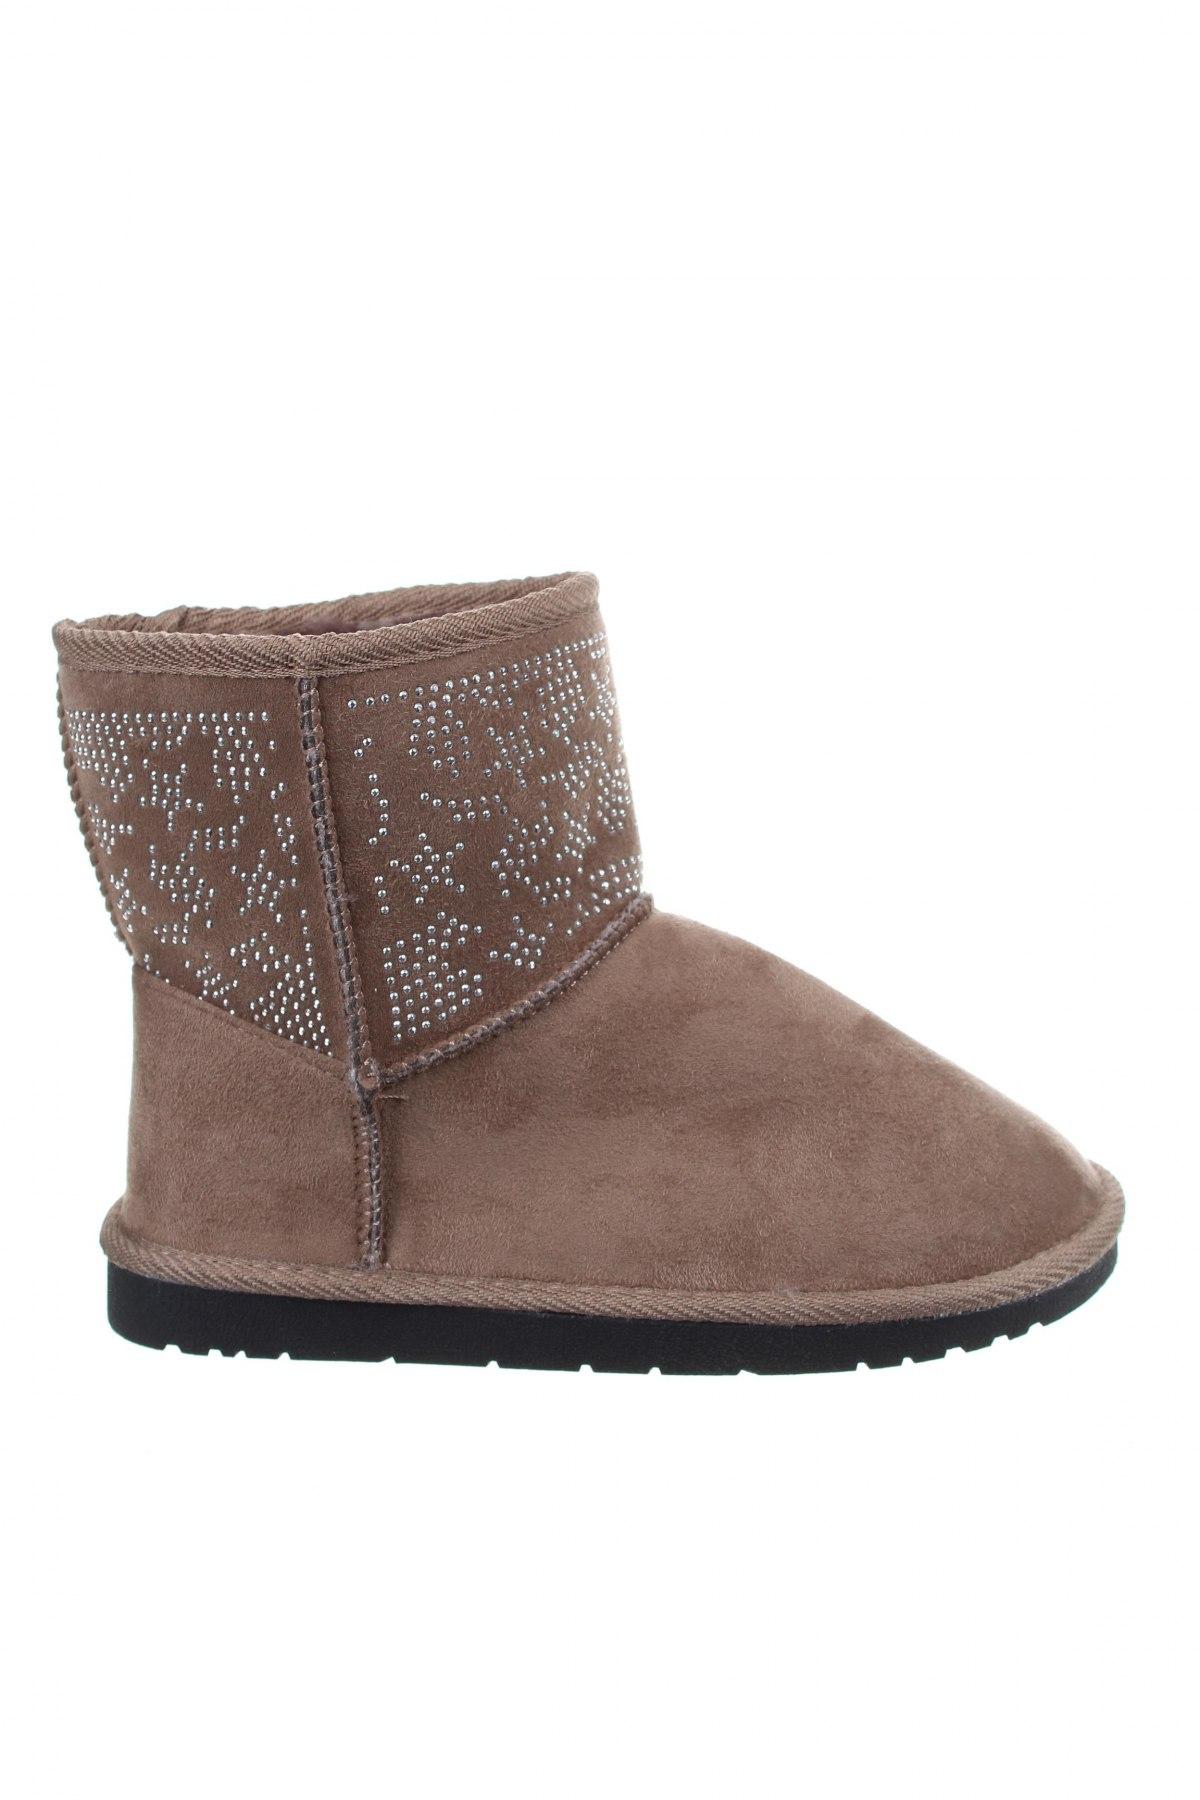 Παιδικά παπούτσια Bata, Μέγεθος 35, Χρώμα Καφέ, Κλωστοϋφαντουργικά προϊόντα, Τιμή 21,35€